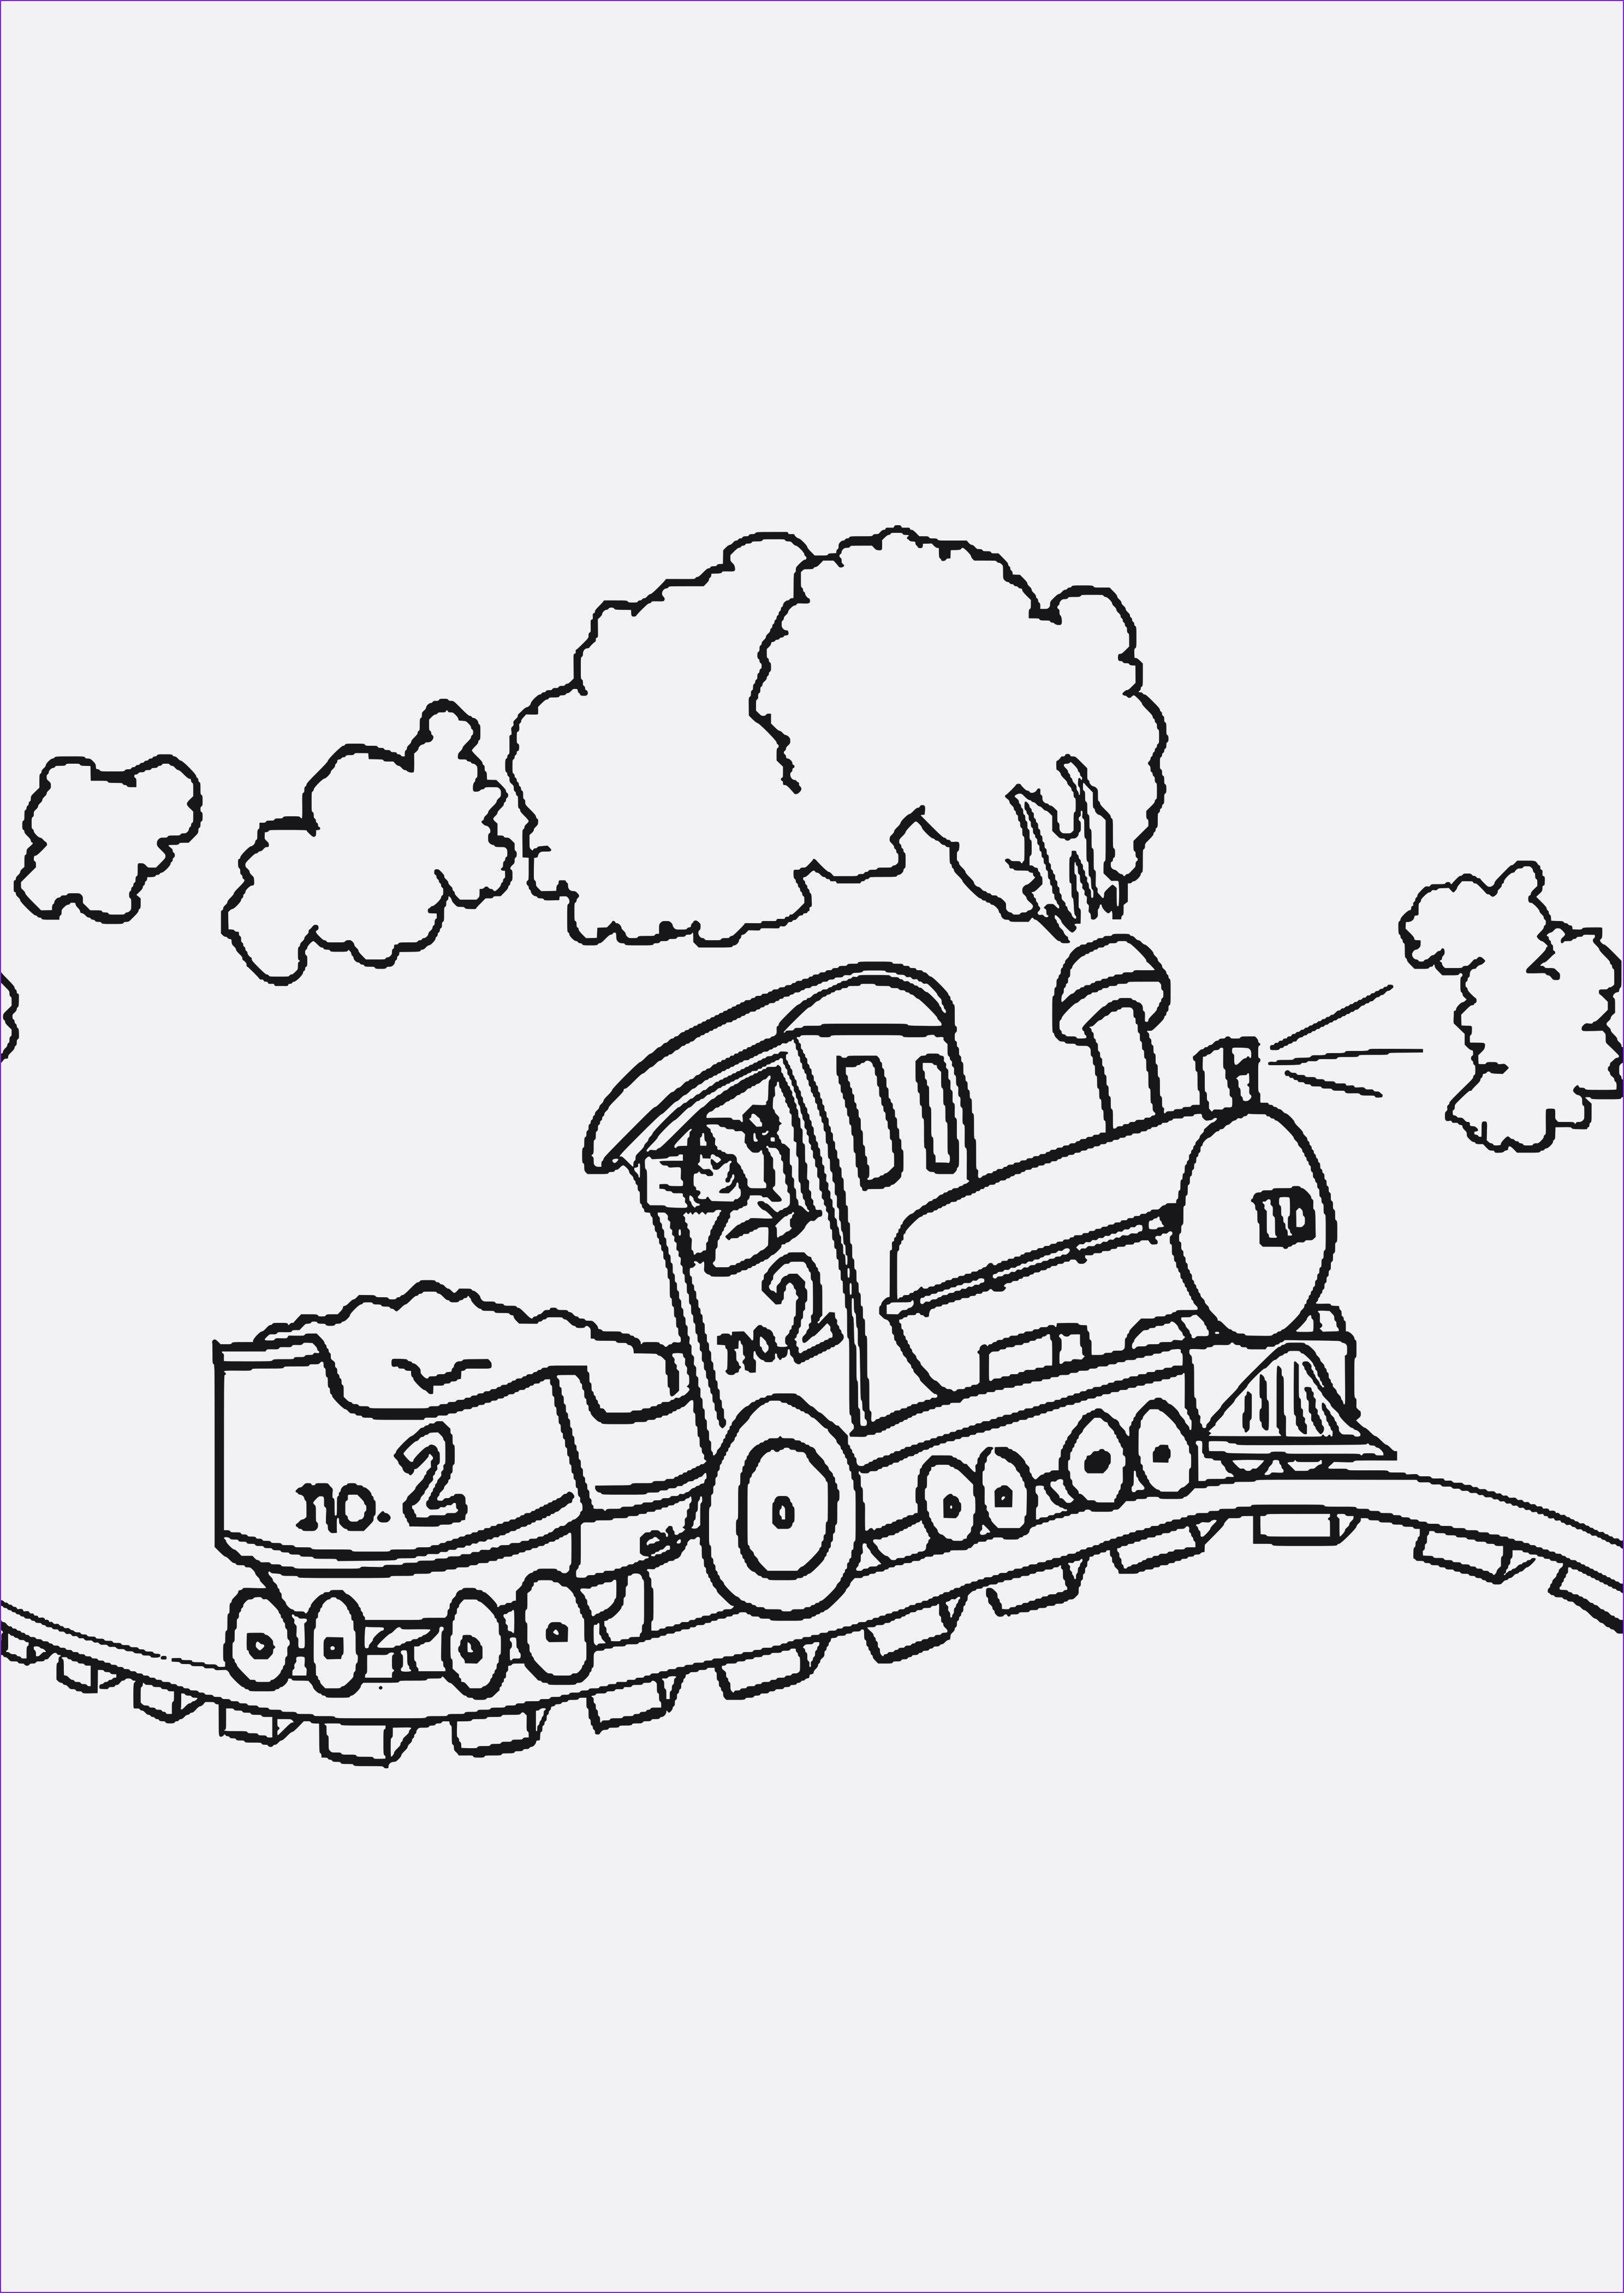 Ausmalbilder Polar Express Zug Malvorlagen Train Express Free Train Coloring Pages Coloring Pages Train Cartoon